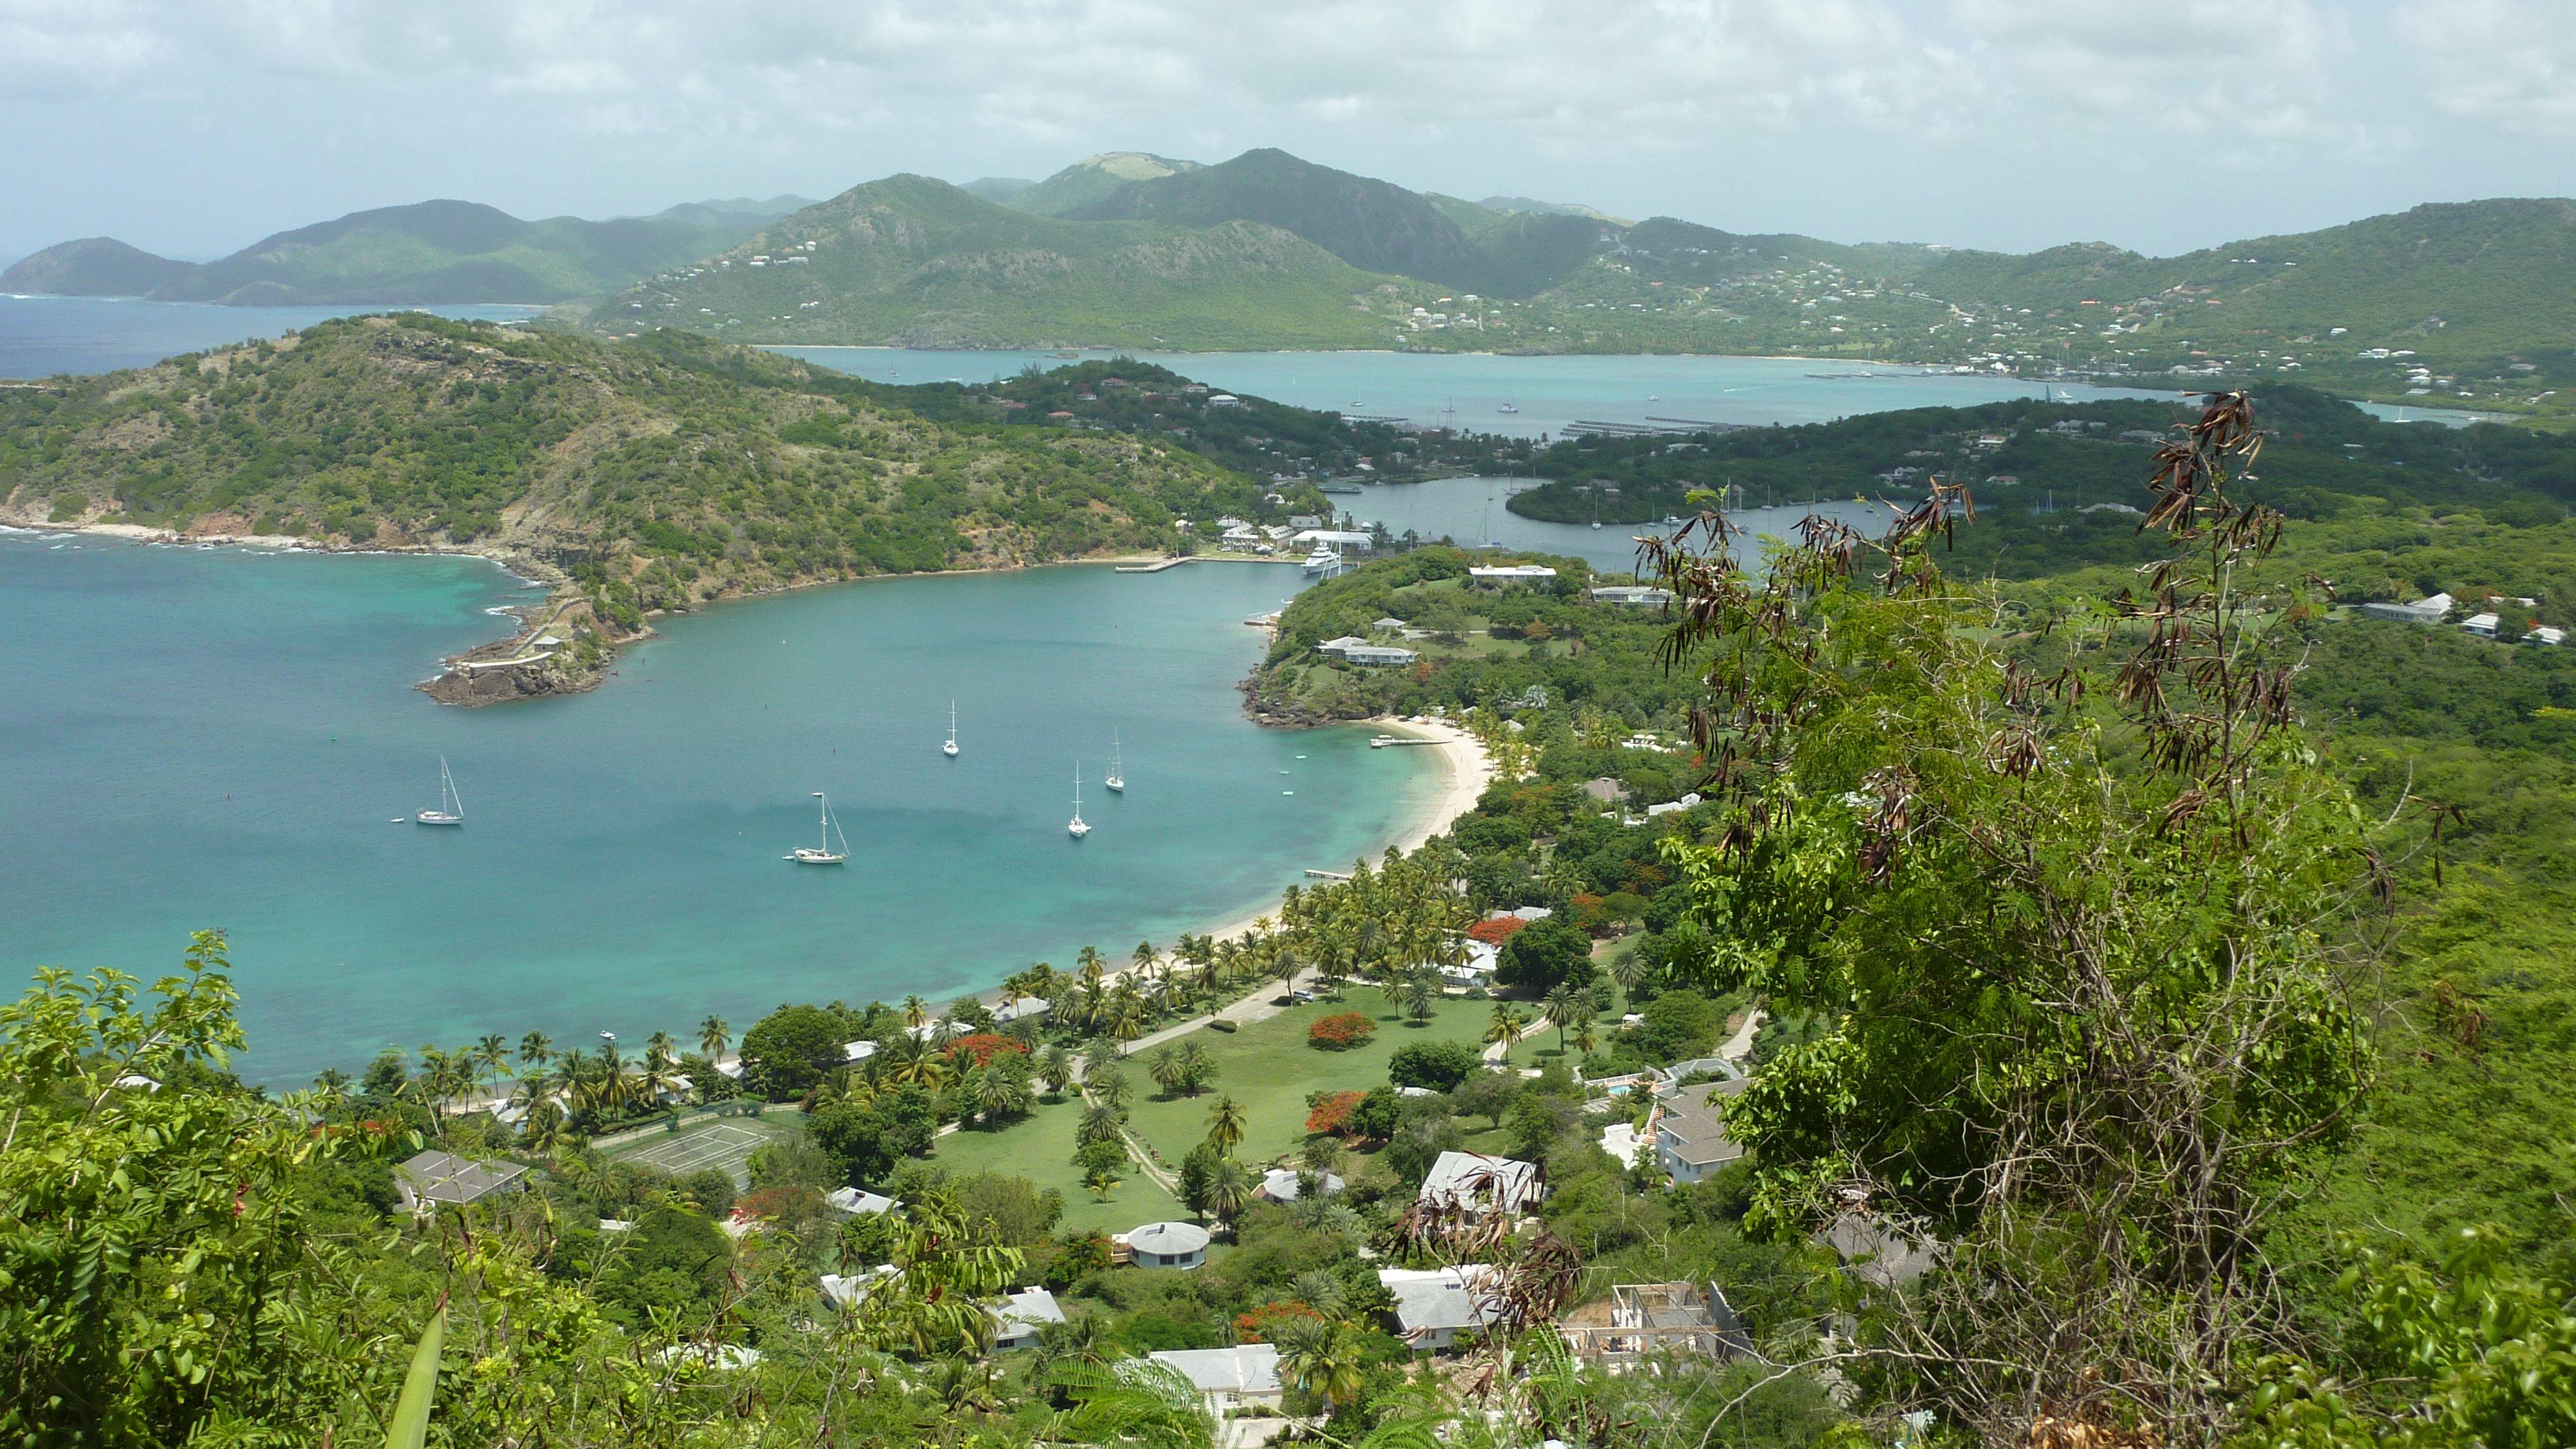 """الجمال الكاريبي وكنوز التاريخ في """"أنتيغا"""" 591127294"""